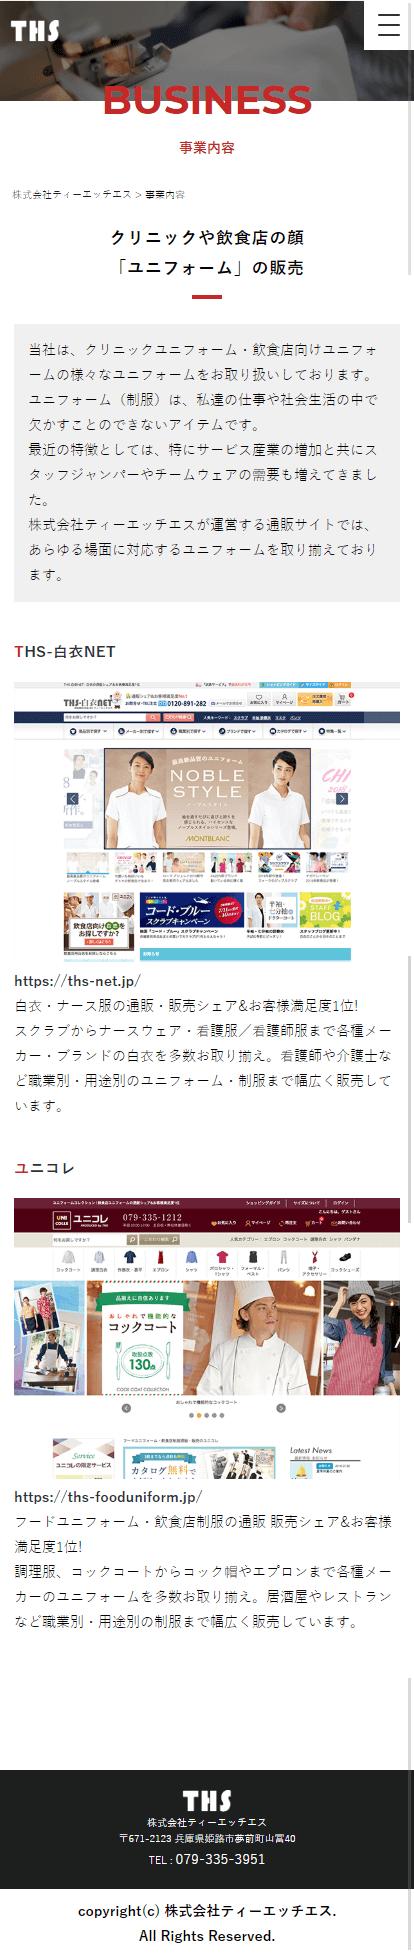 姫路市 株式会社ティーエッチエス ホームページ制作4